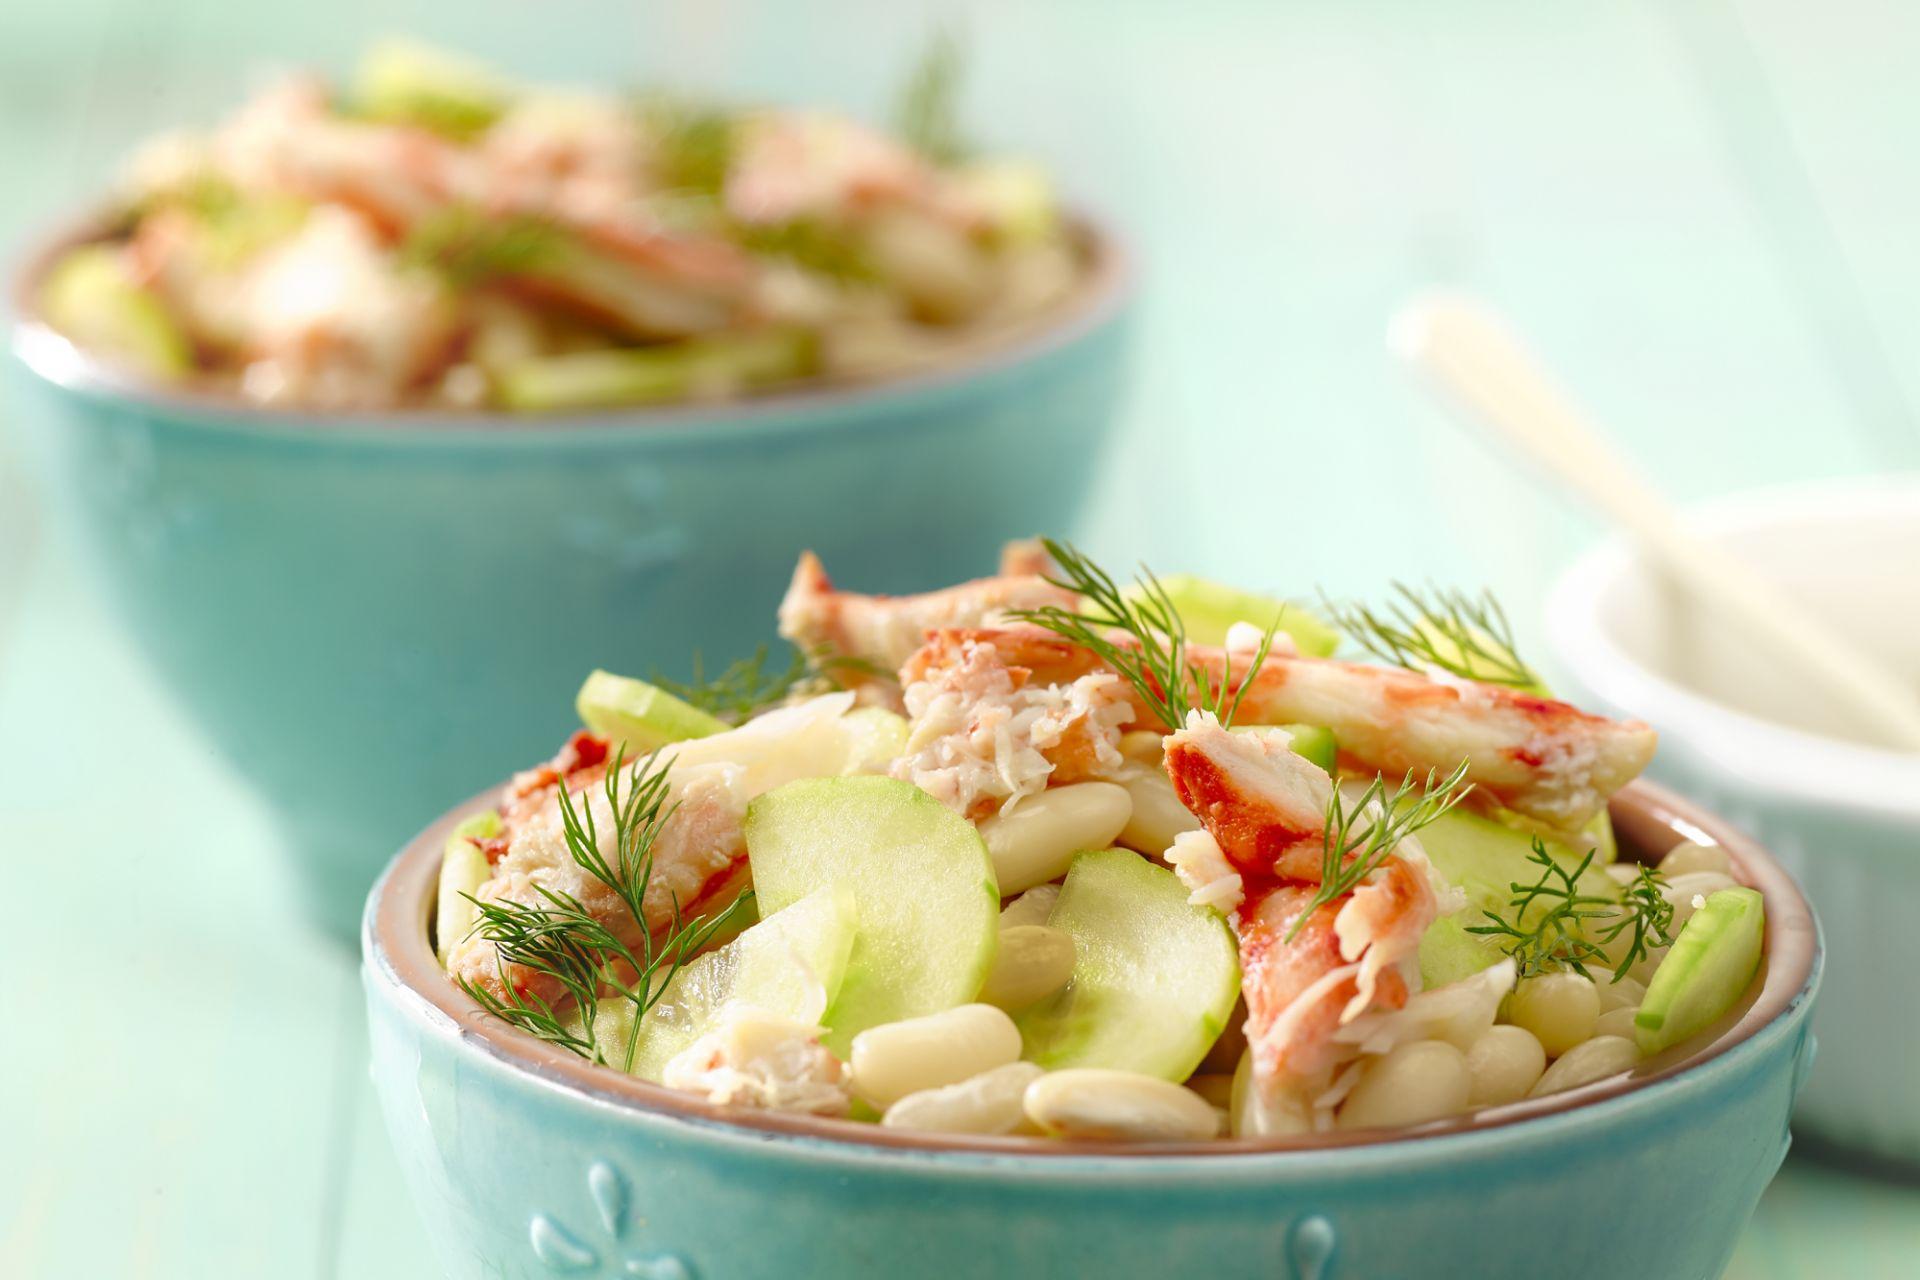 Witte bonen salade met krab en limoen